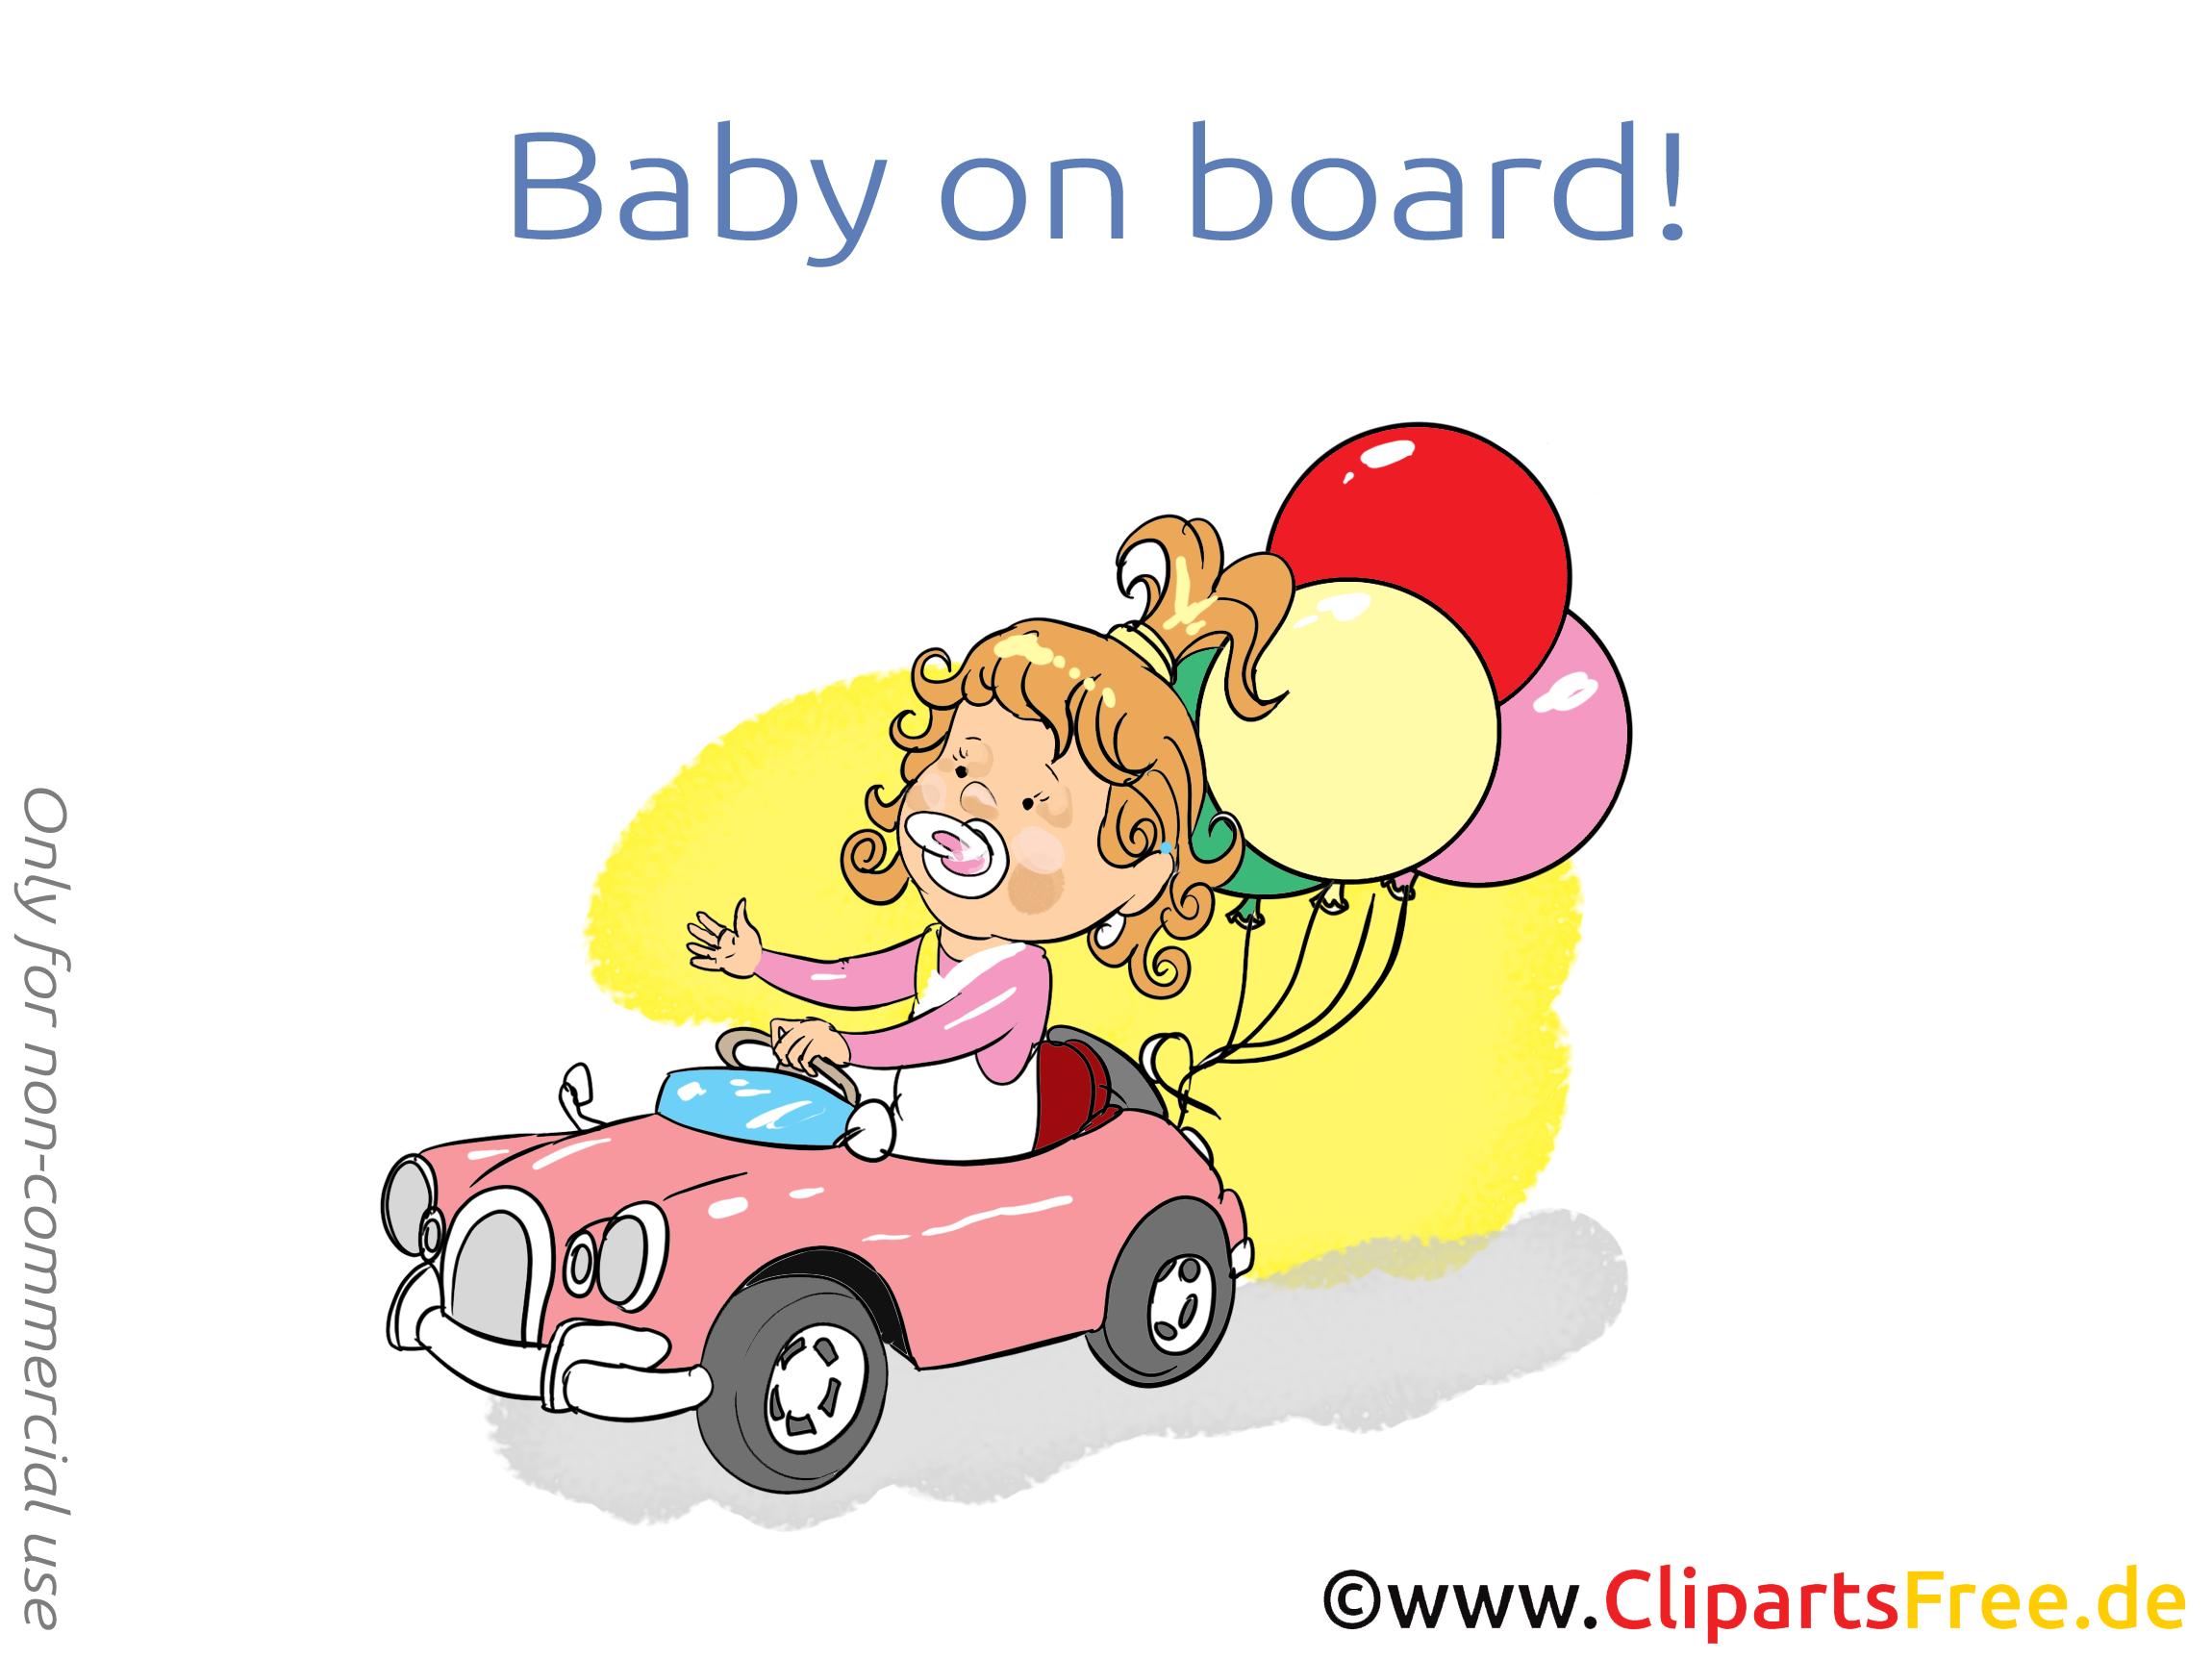 Ballons voiture bébé à bord illustration gratuite